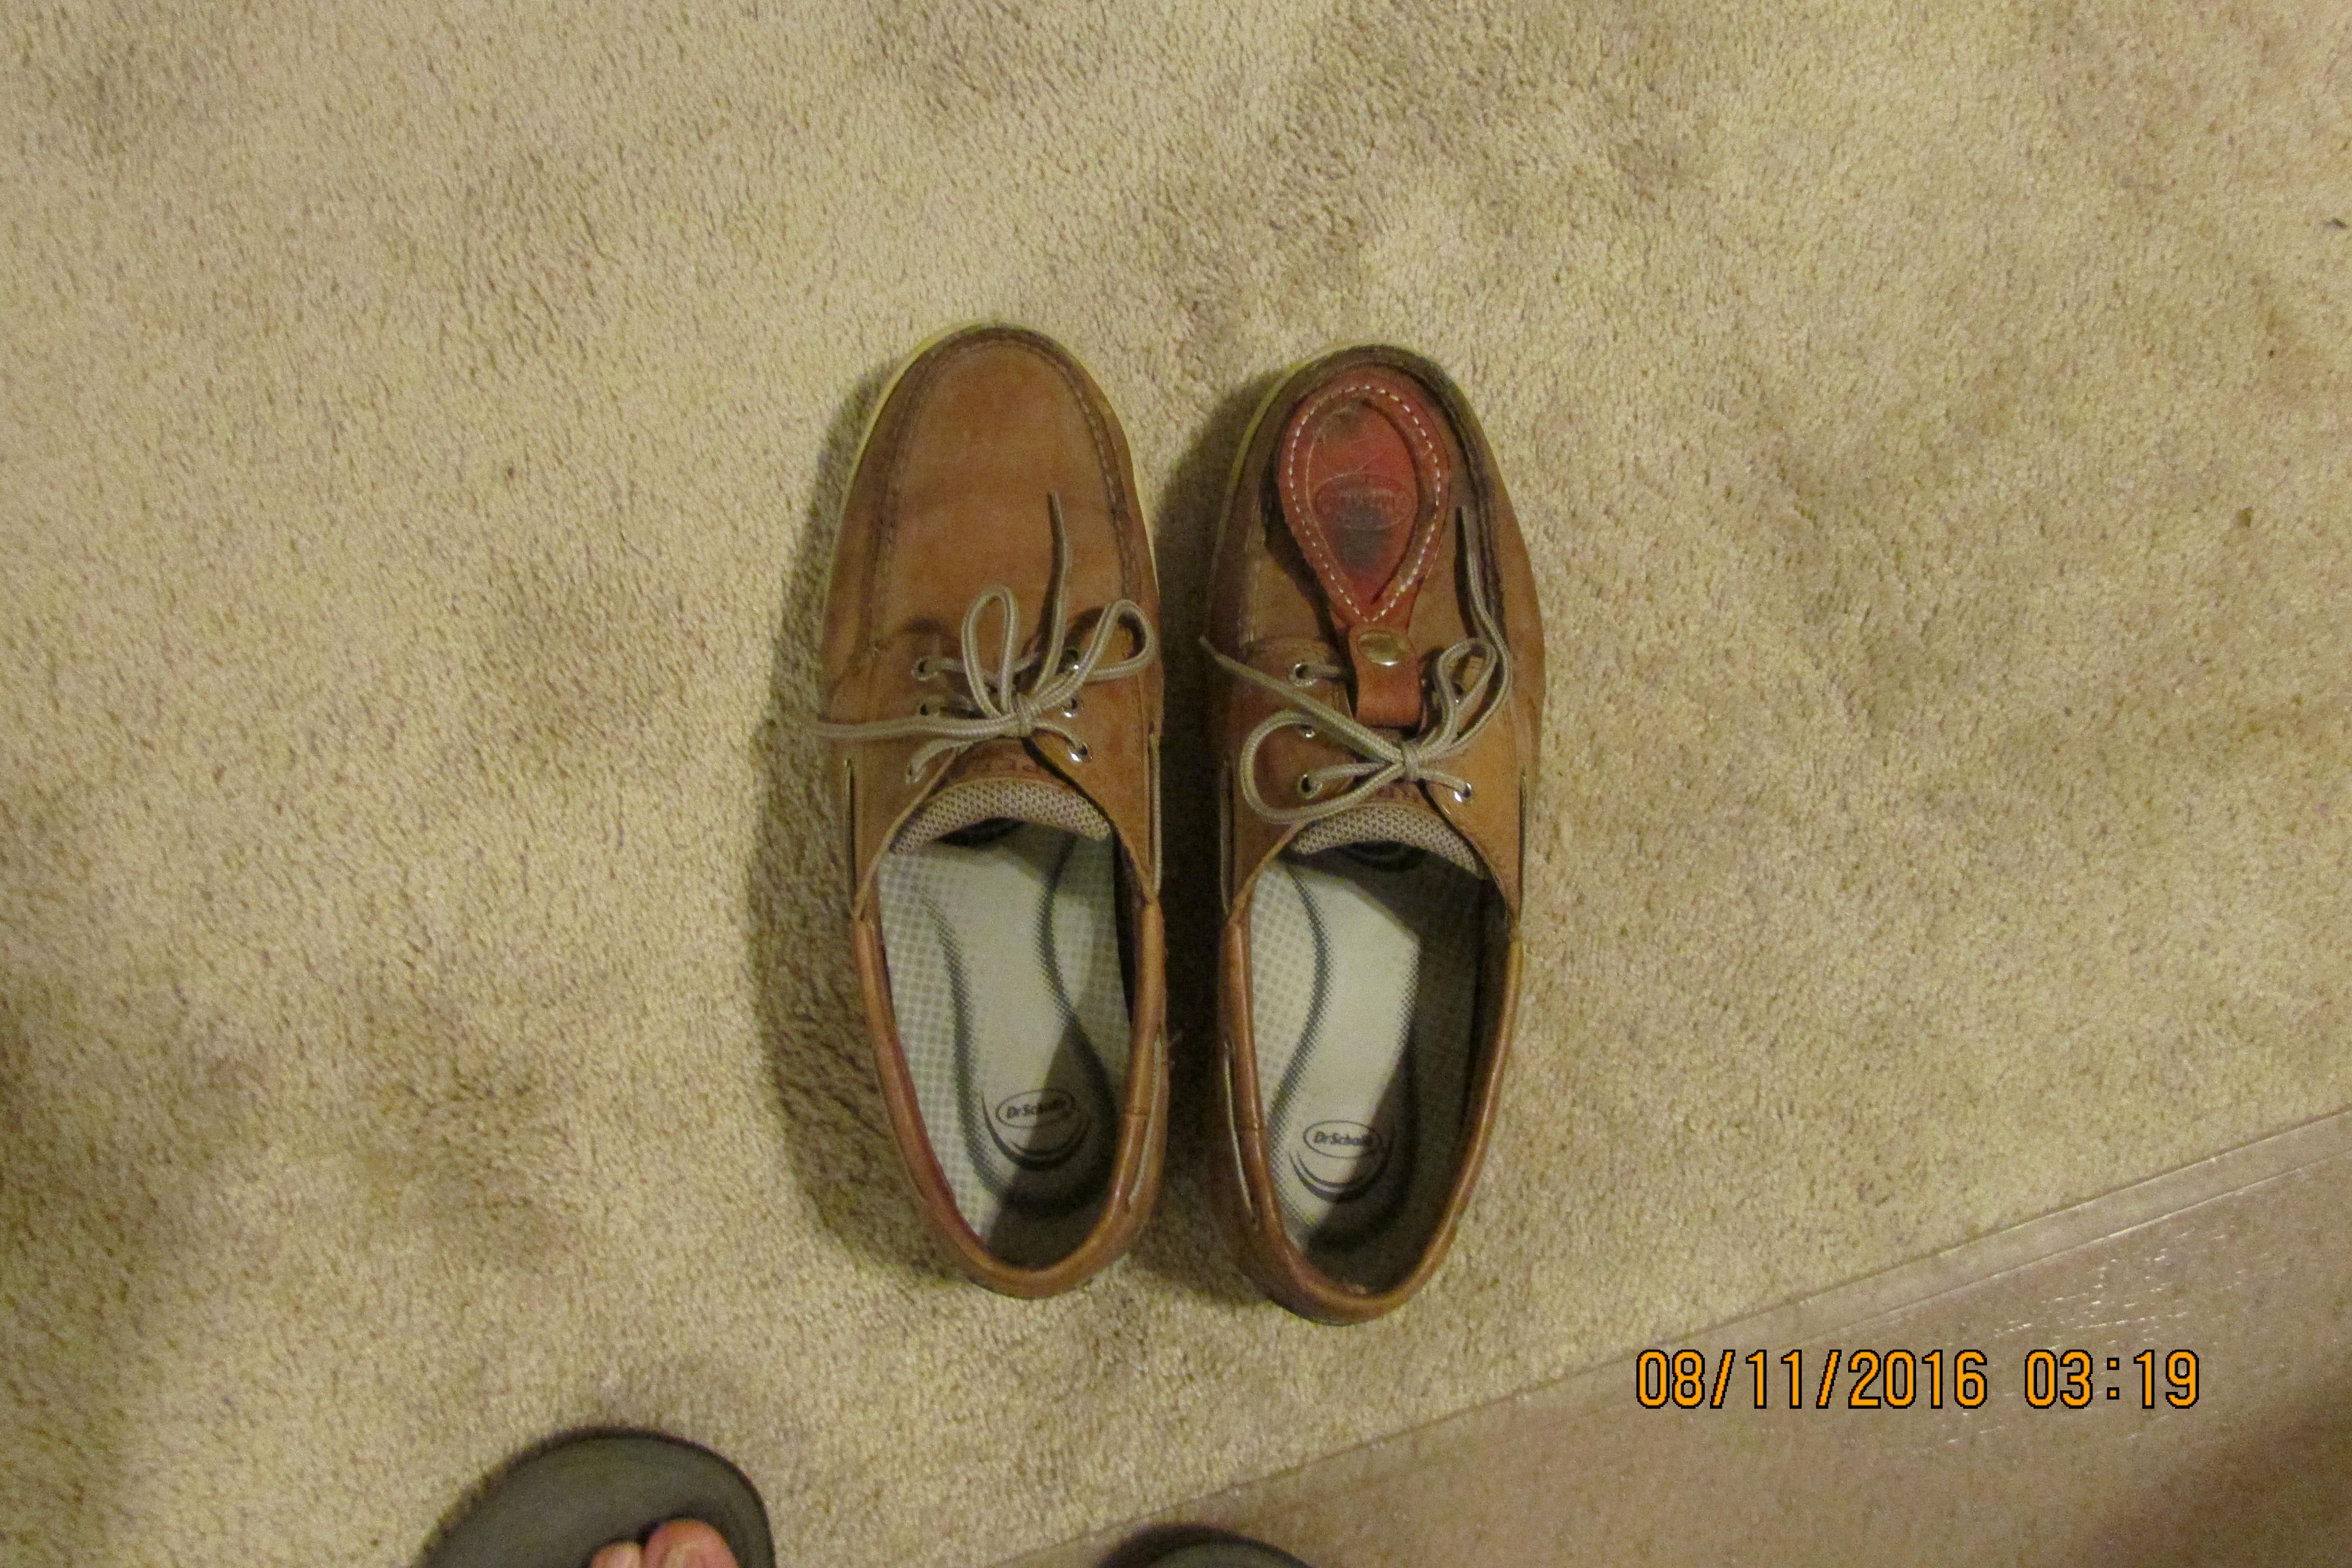 487dd77d32f7 Tex hollis leather pouch